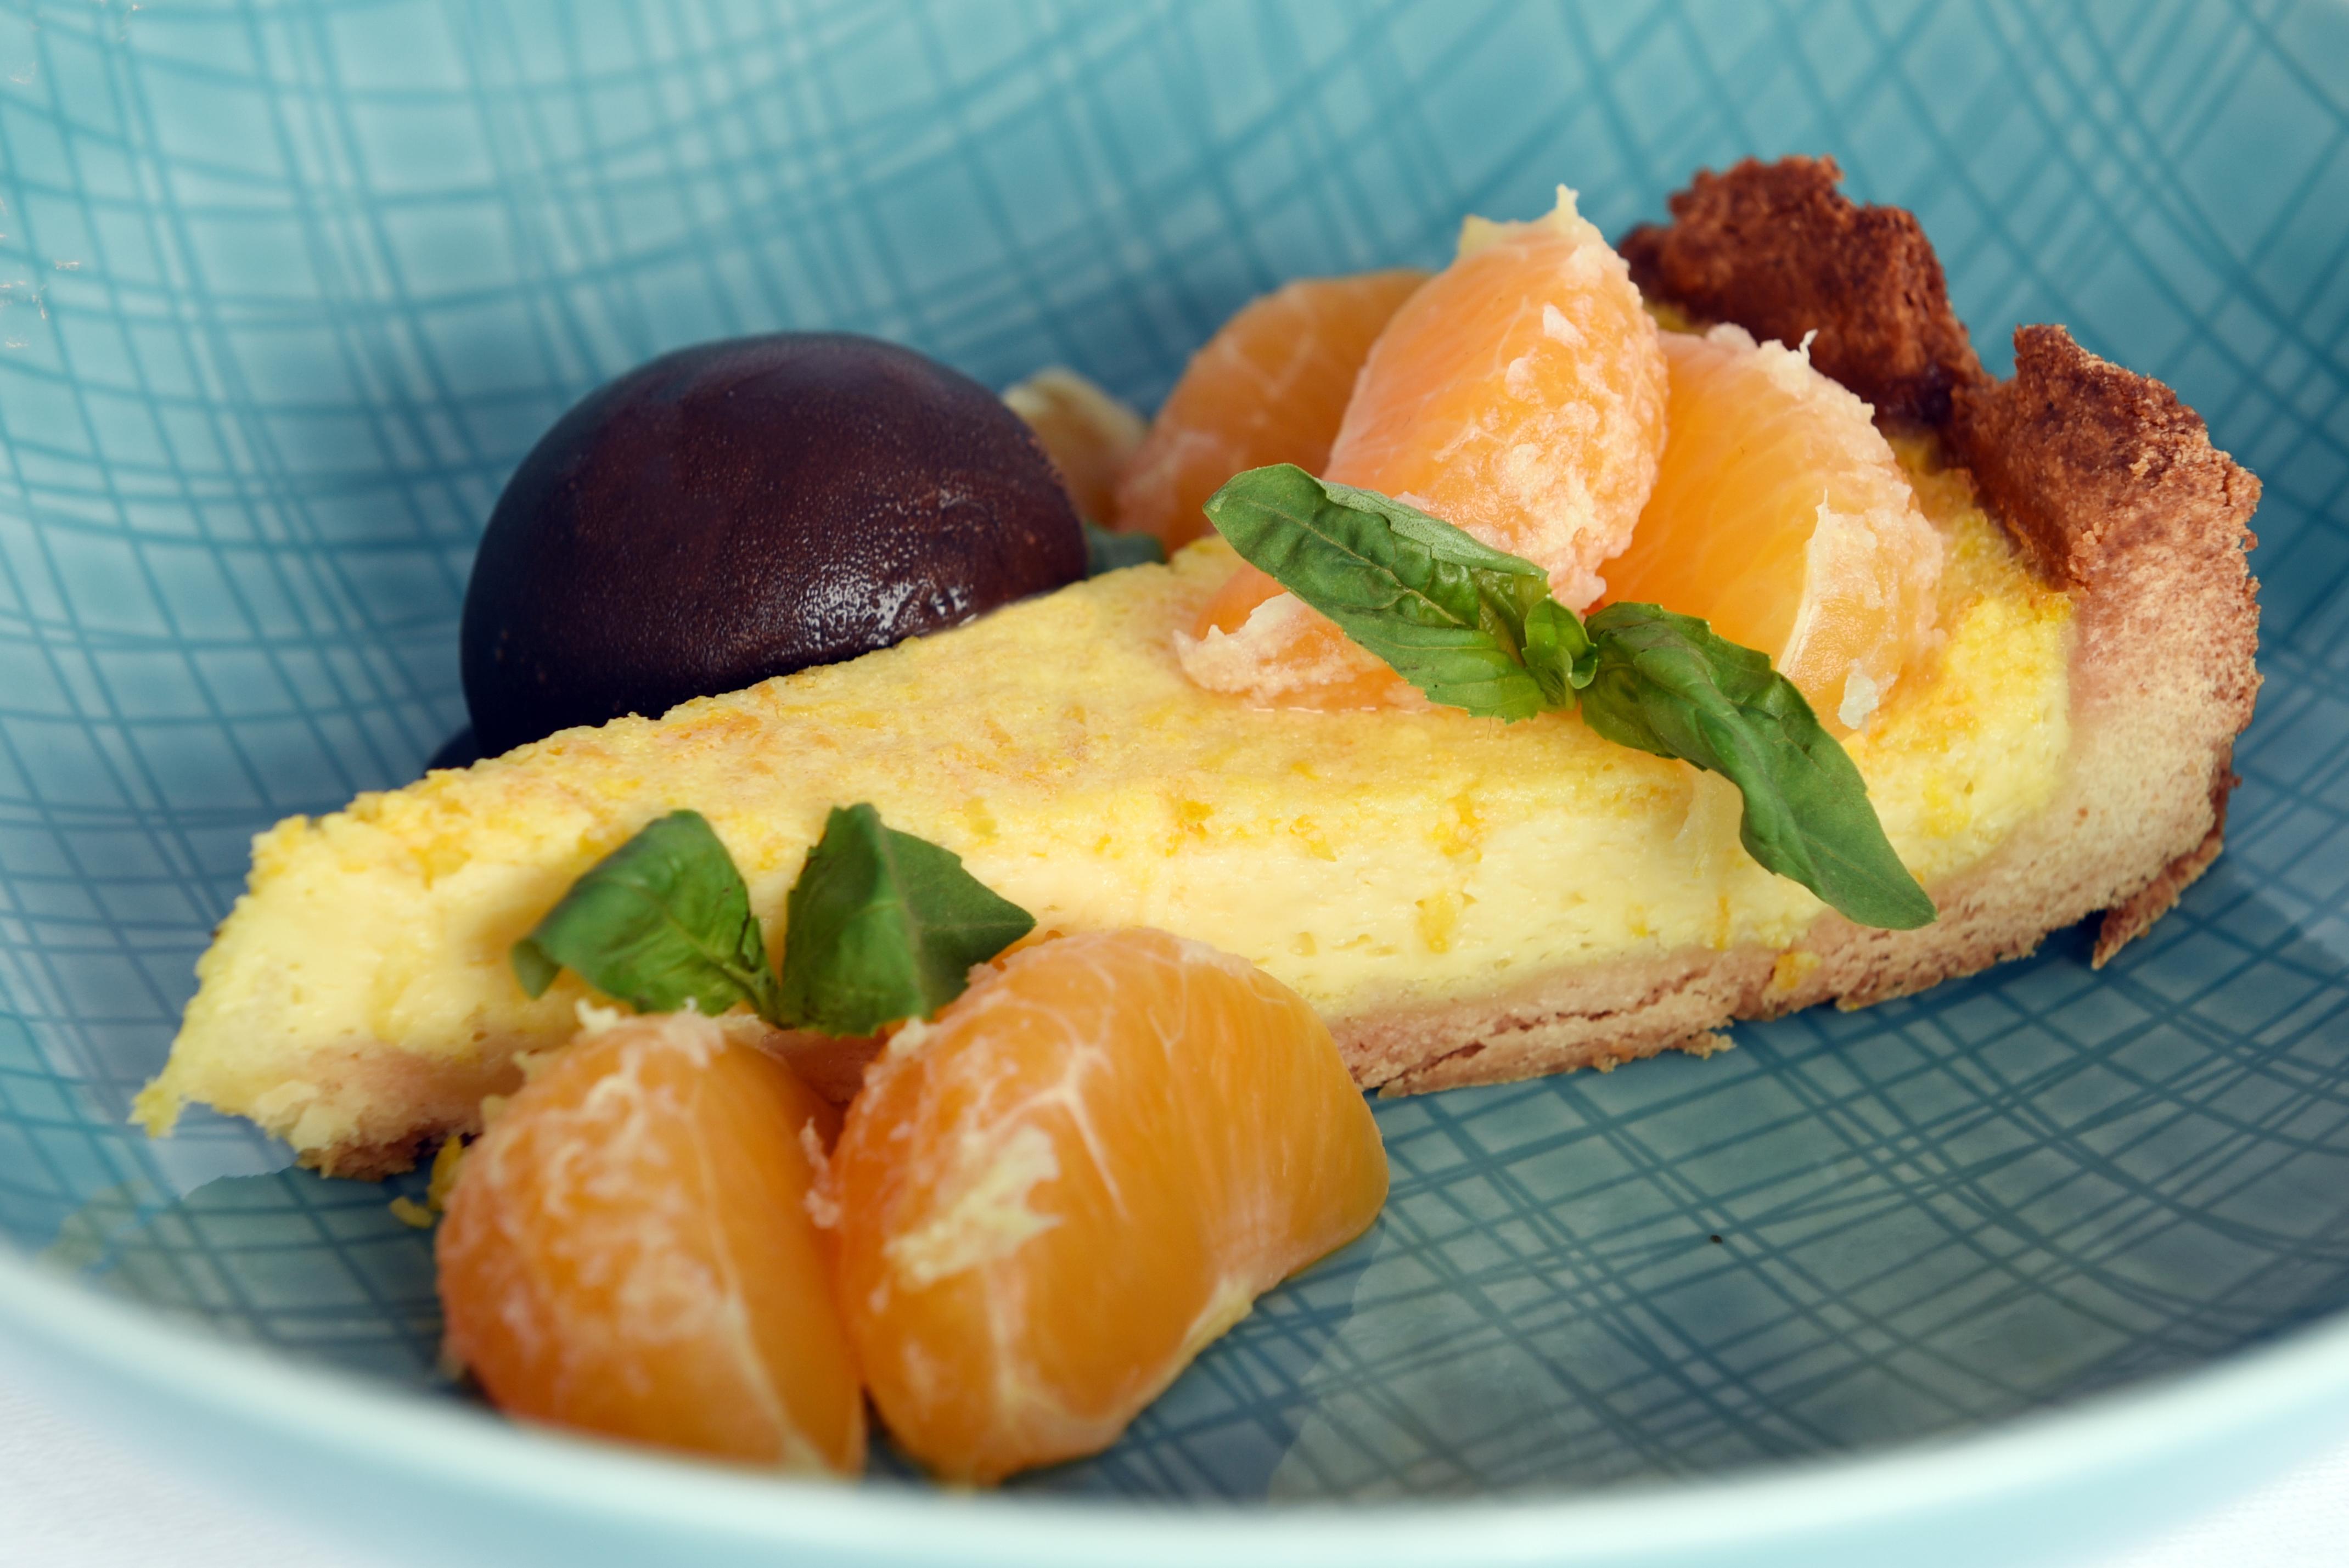 Sinaasappeltaartje met chocolade sorbetijs & gemarineerde mandarijnen.